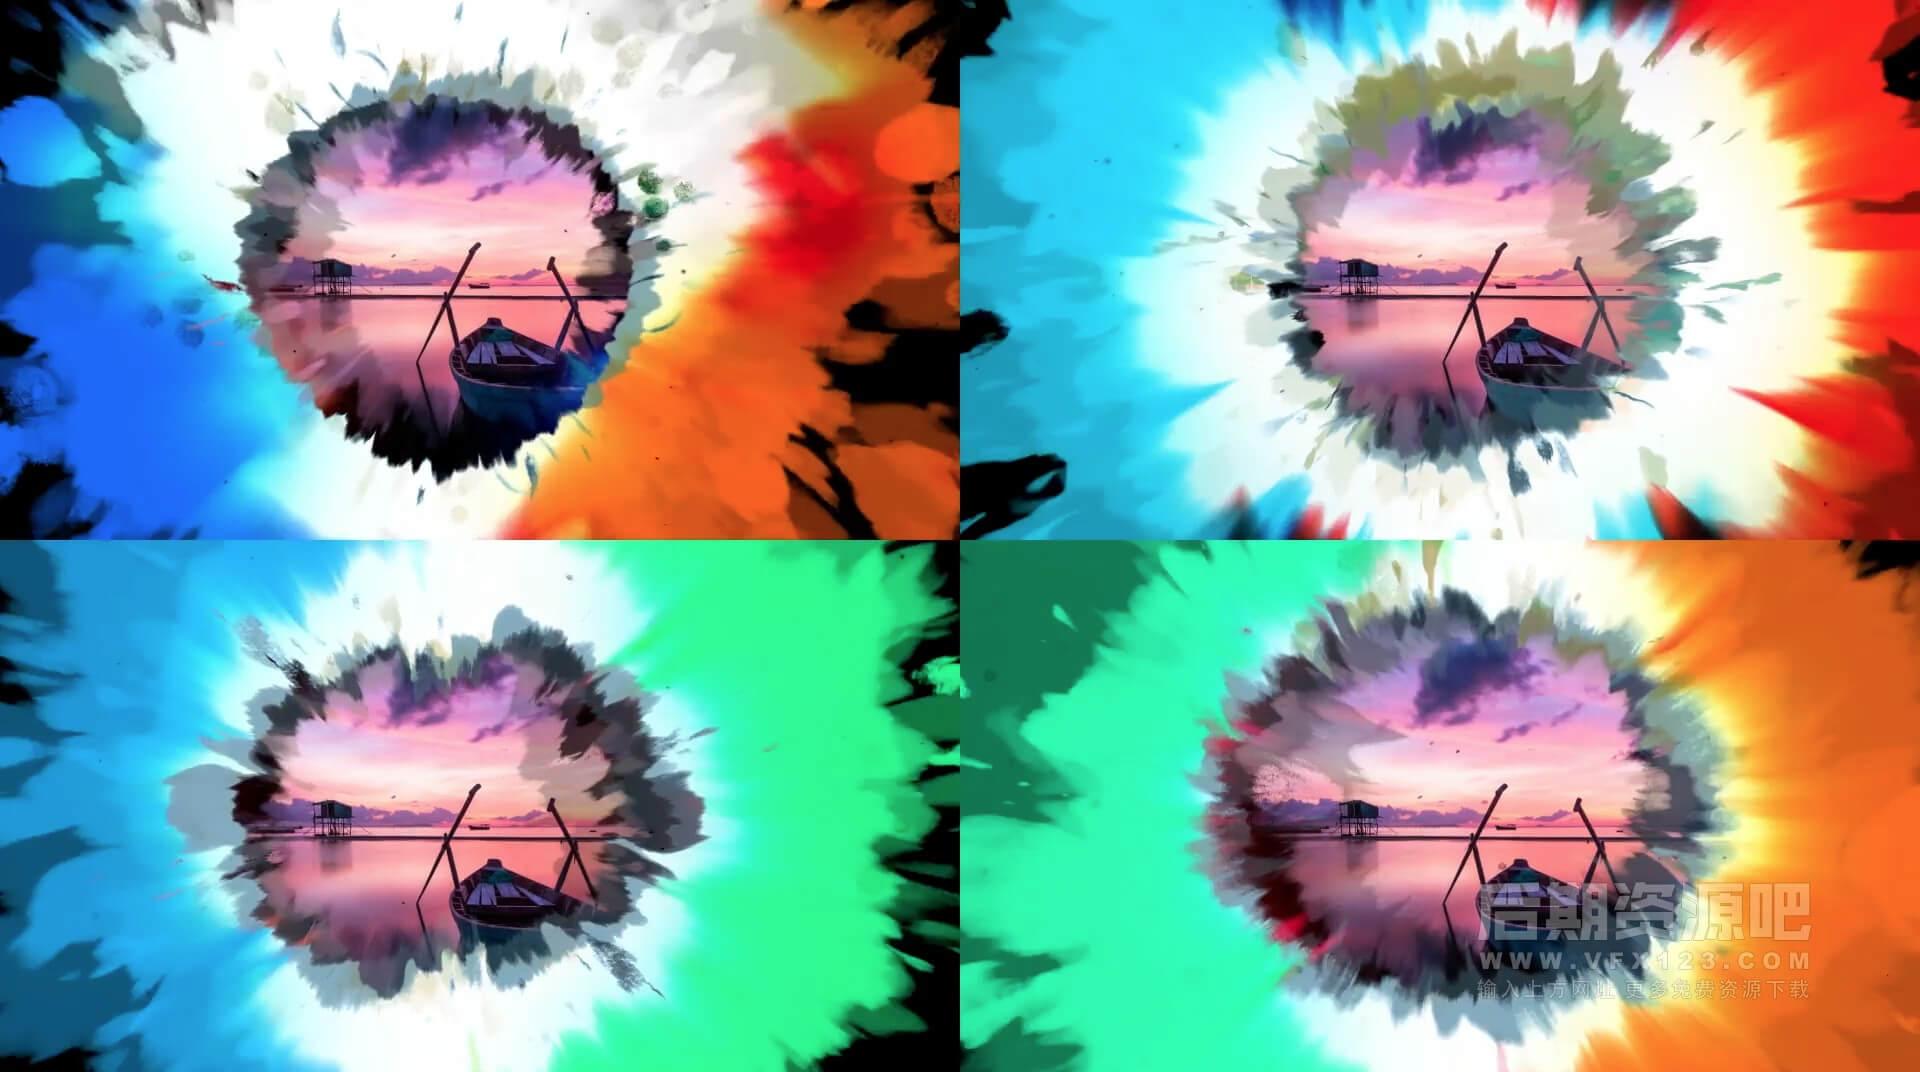 Ae模板 100+4K彩色水墨过渡转场 Vlog常用转场效果 Color Ink Transitions